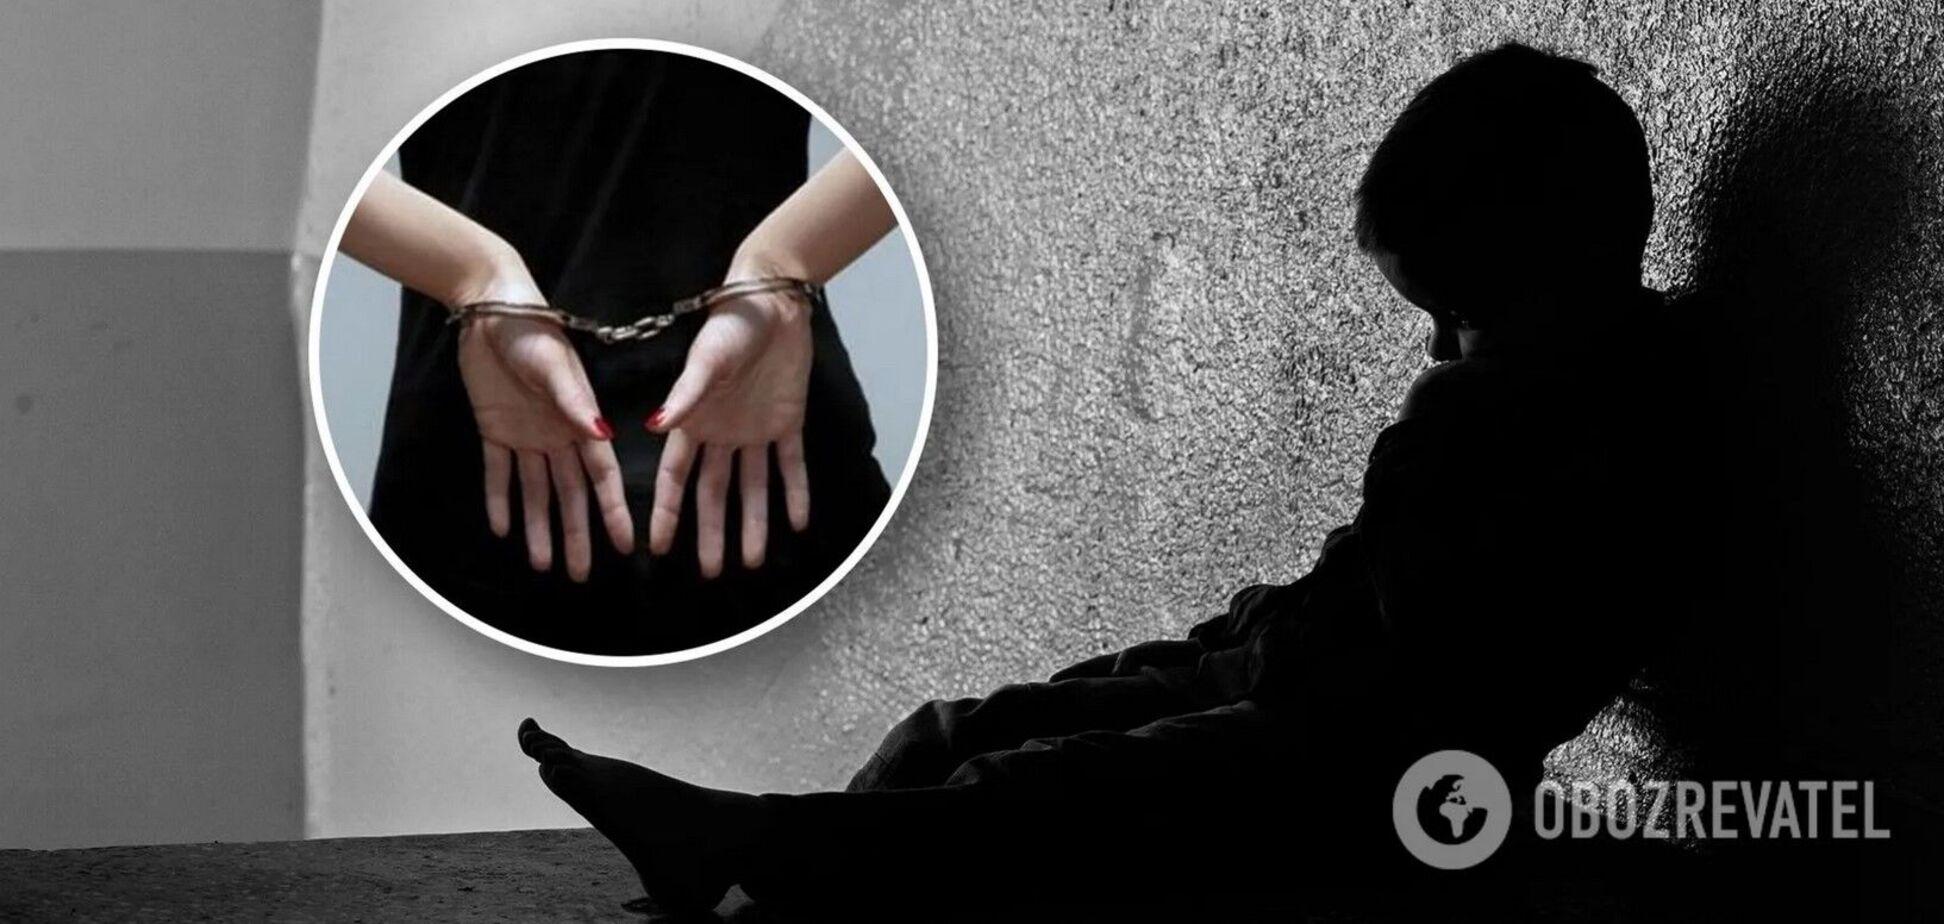 Суд вынес приговор женщине, которая до смерти избила 4-летнего сына за то, что не хотел нянчить младшую сестренку